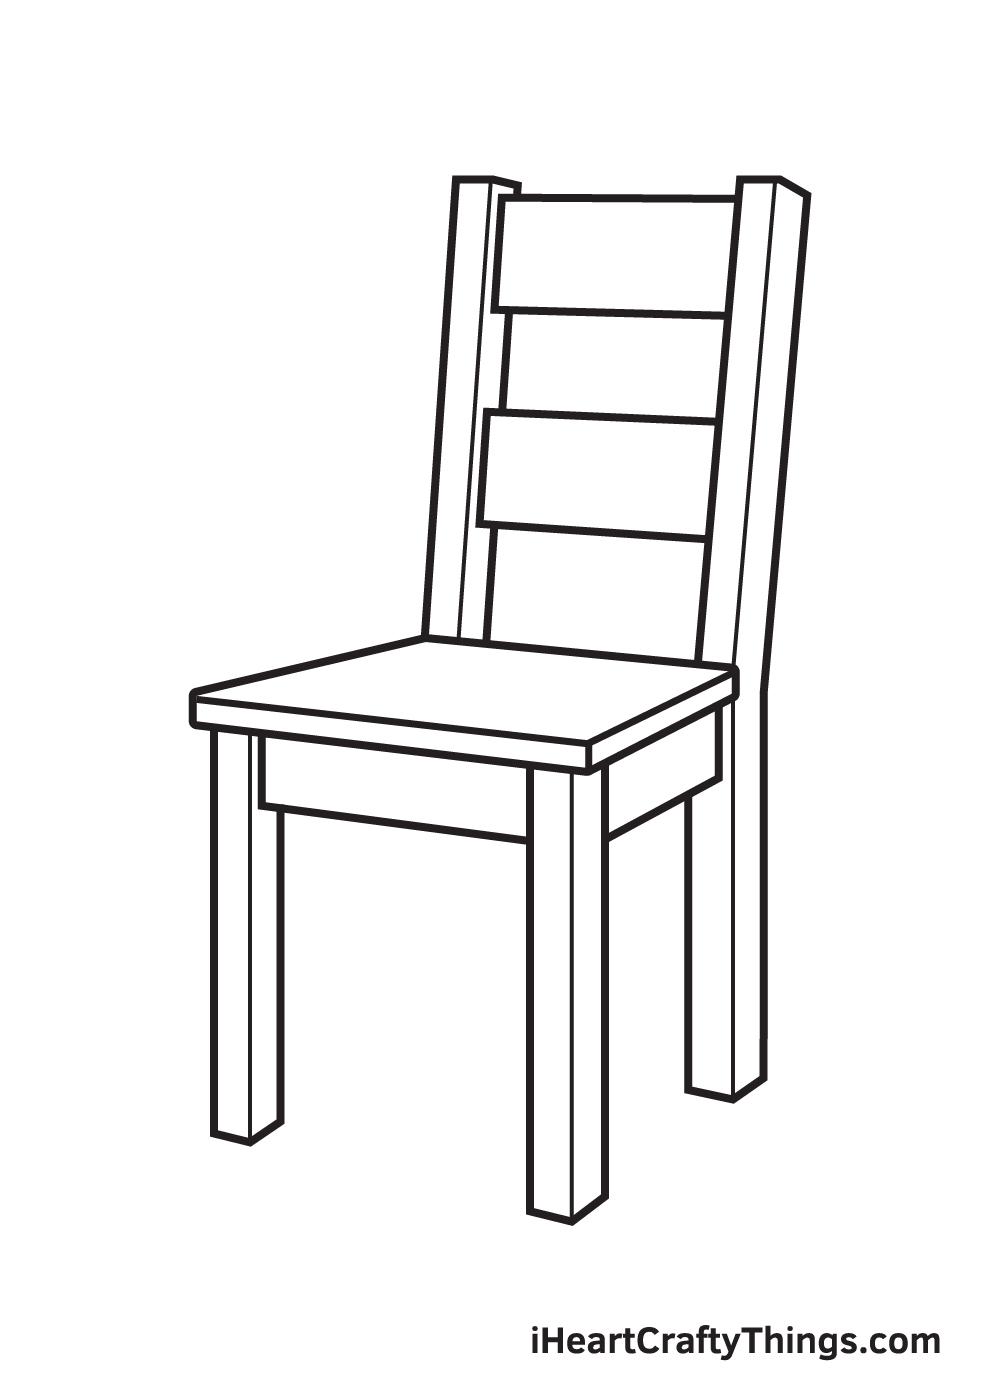 Vẽ ghế - Bước 7